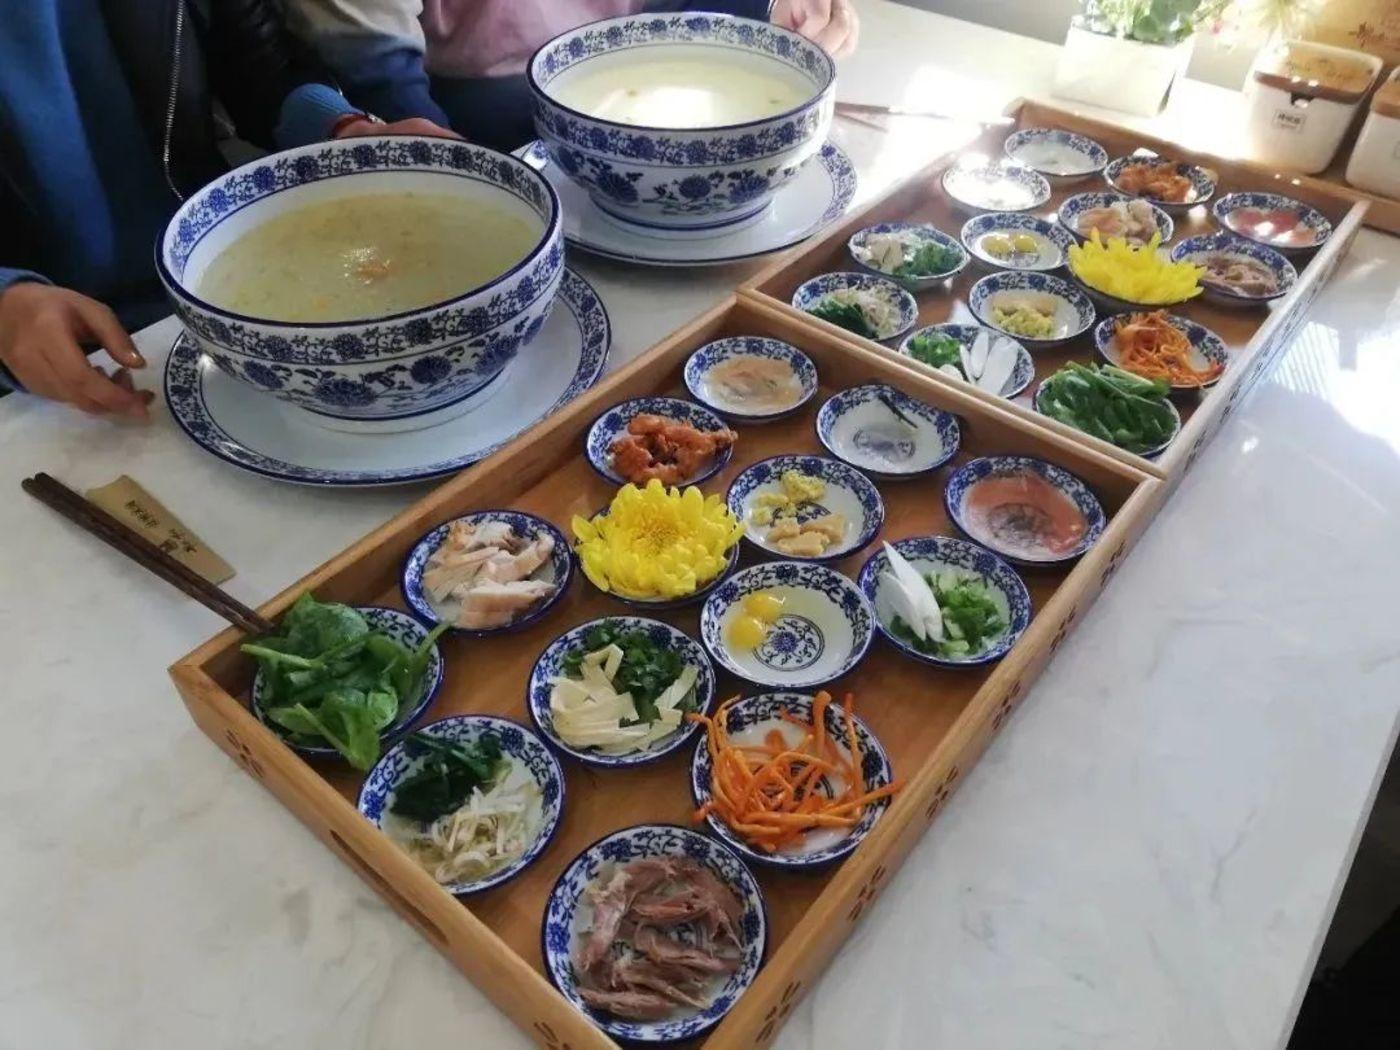 低配18元以内的云南米线套餐,图片来源:锡都个旧公众号